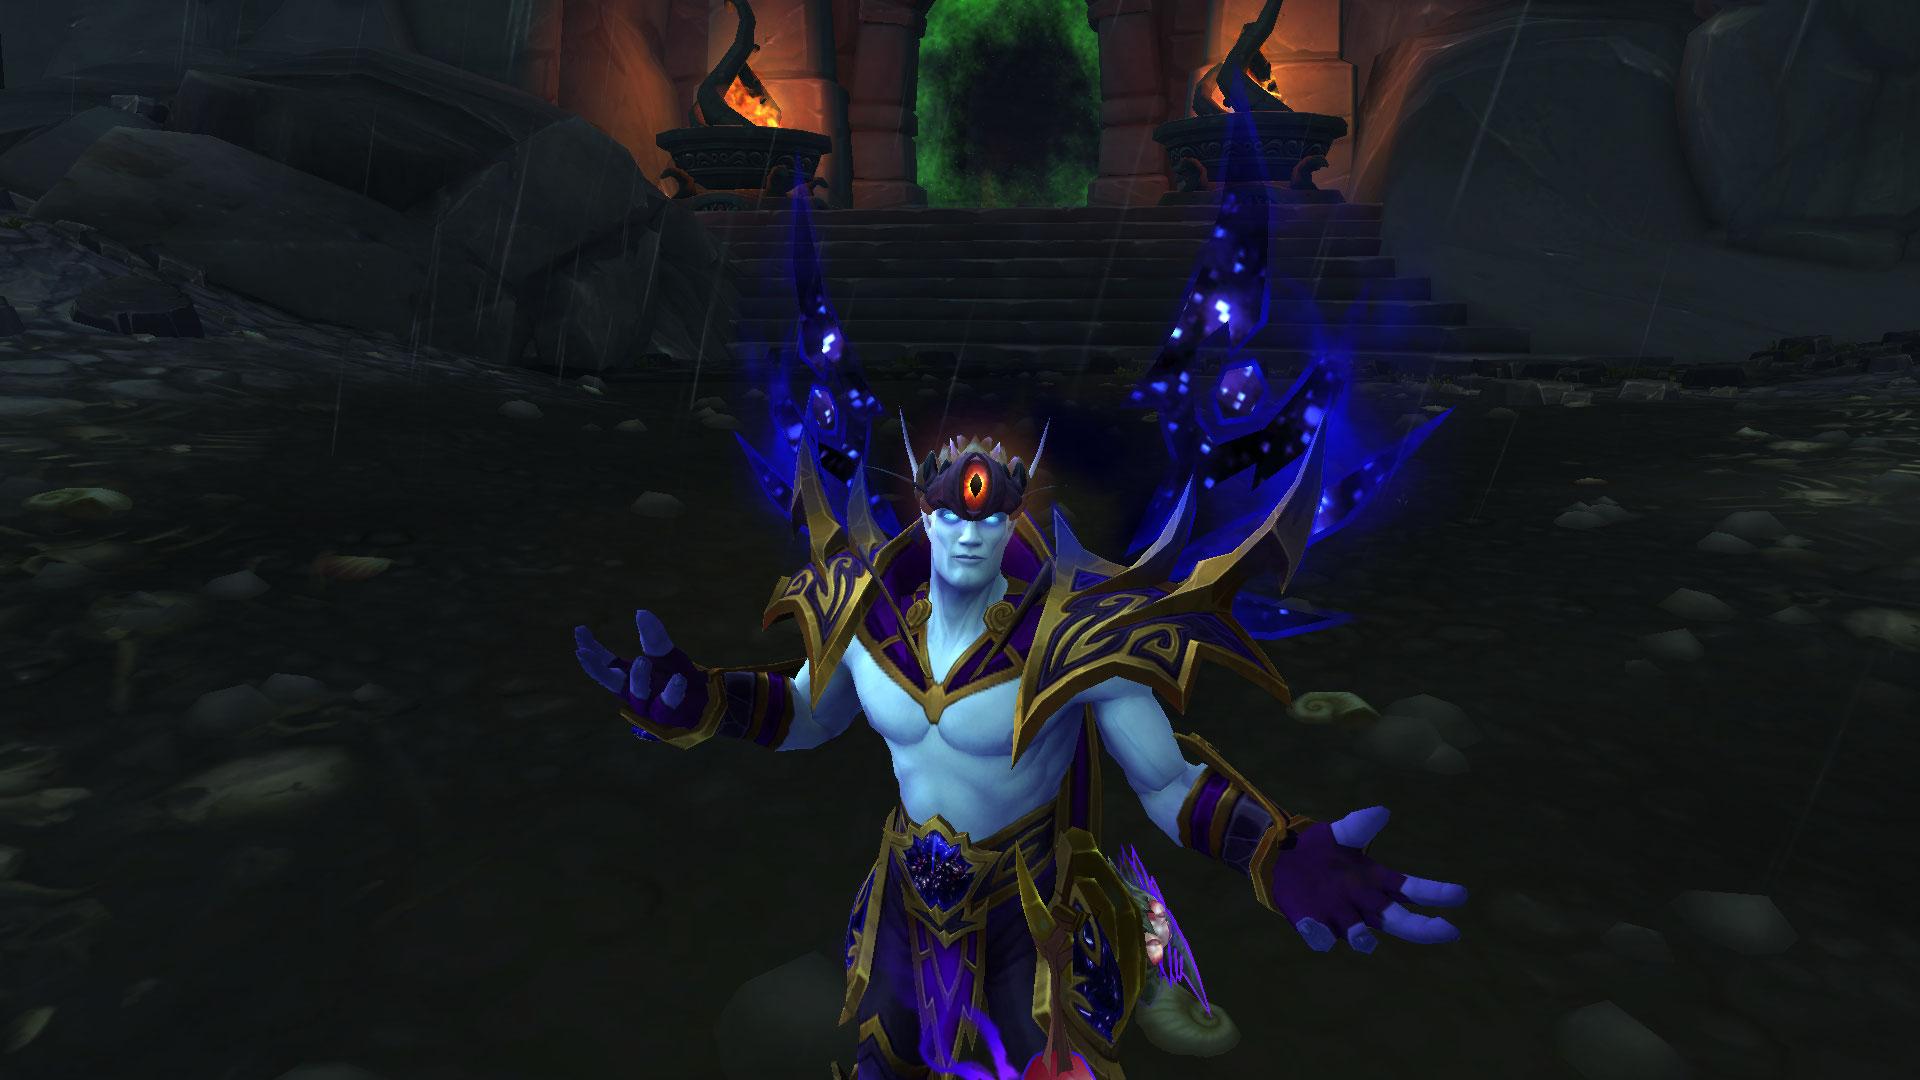 Le don de N'Zoth, un effet visuel sur la tête des personnages